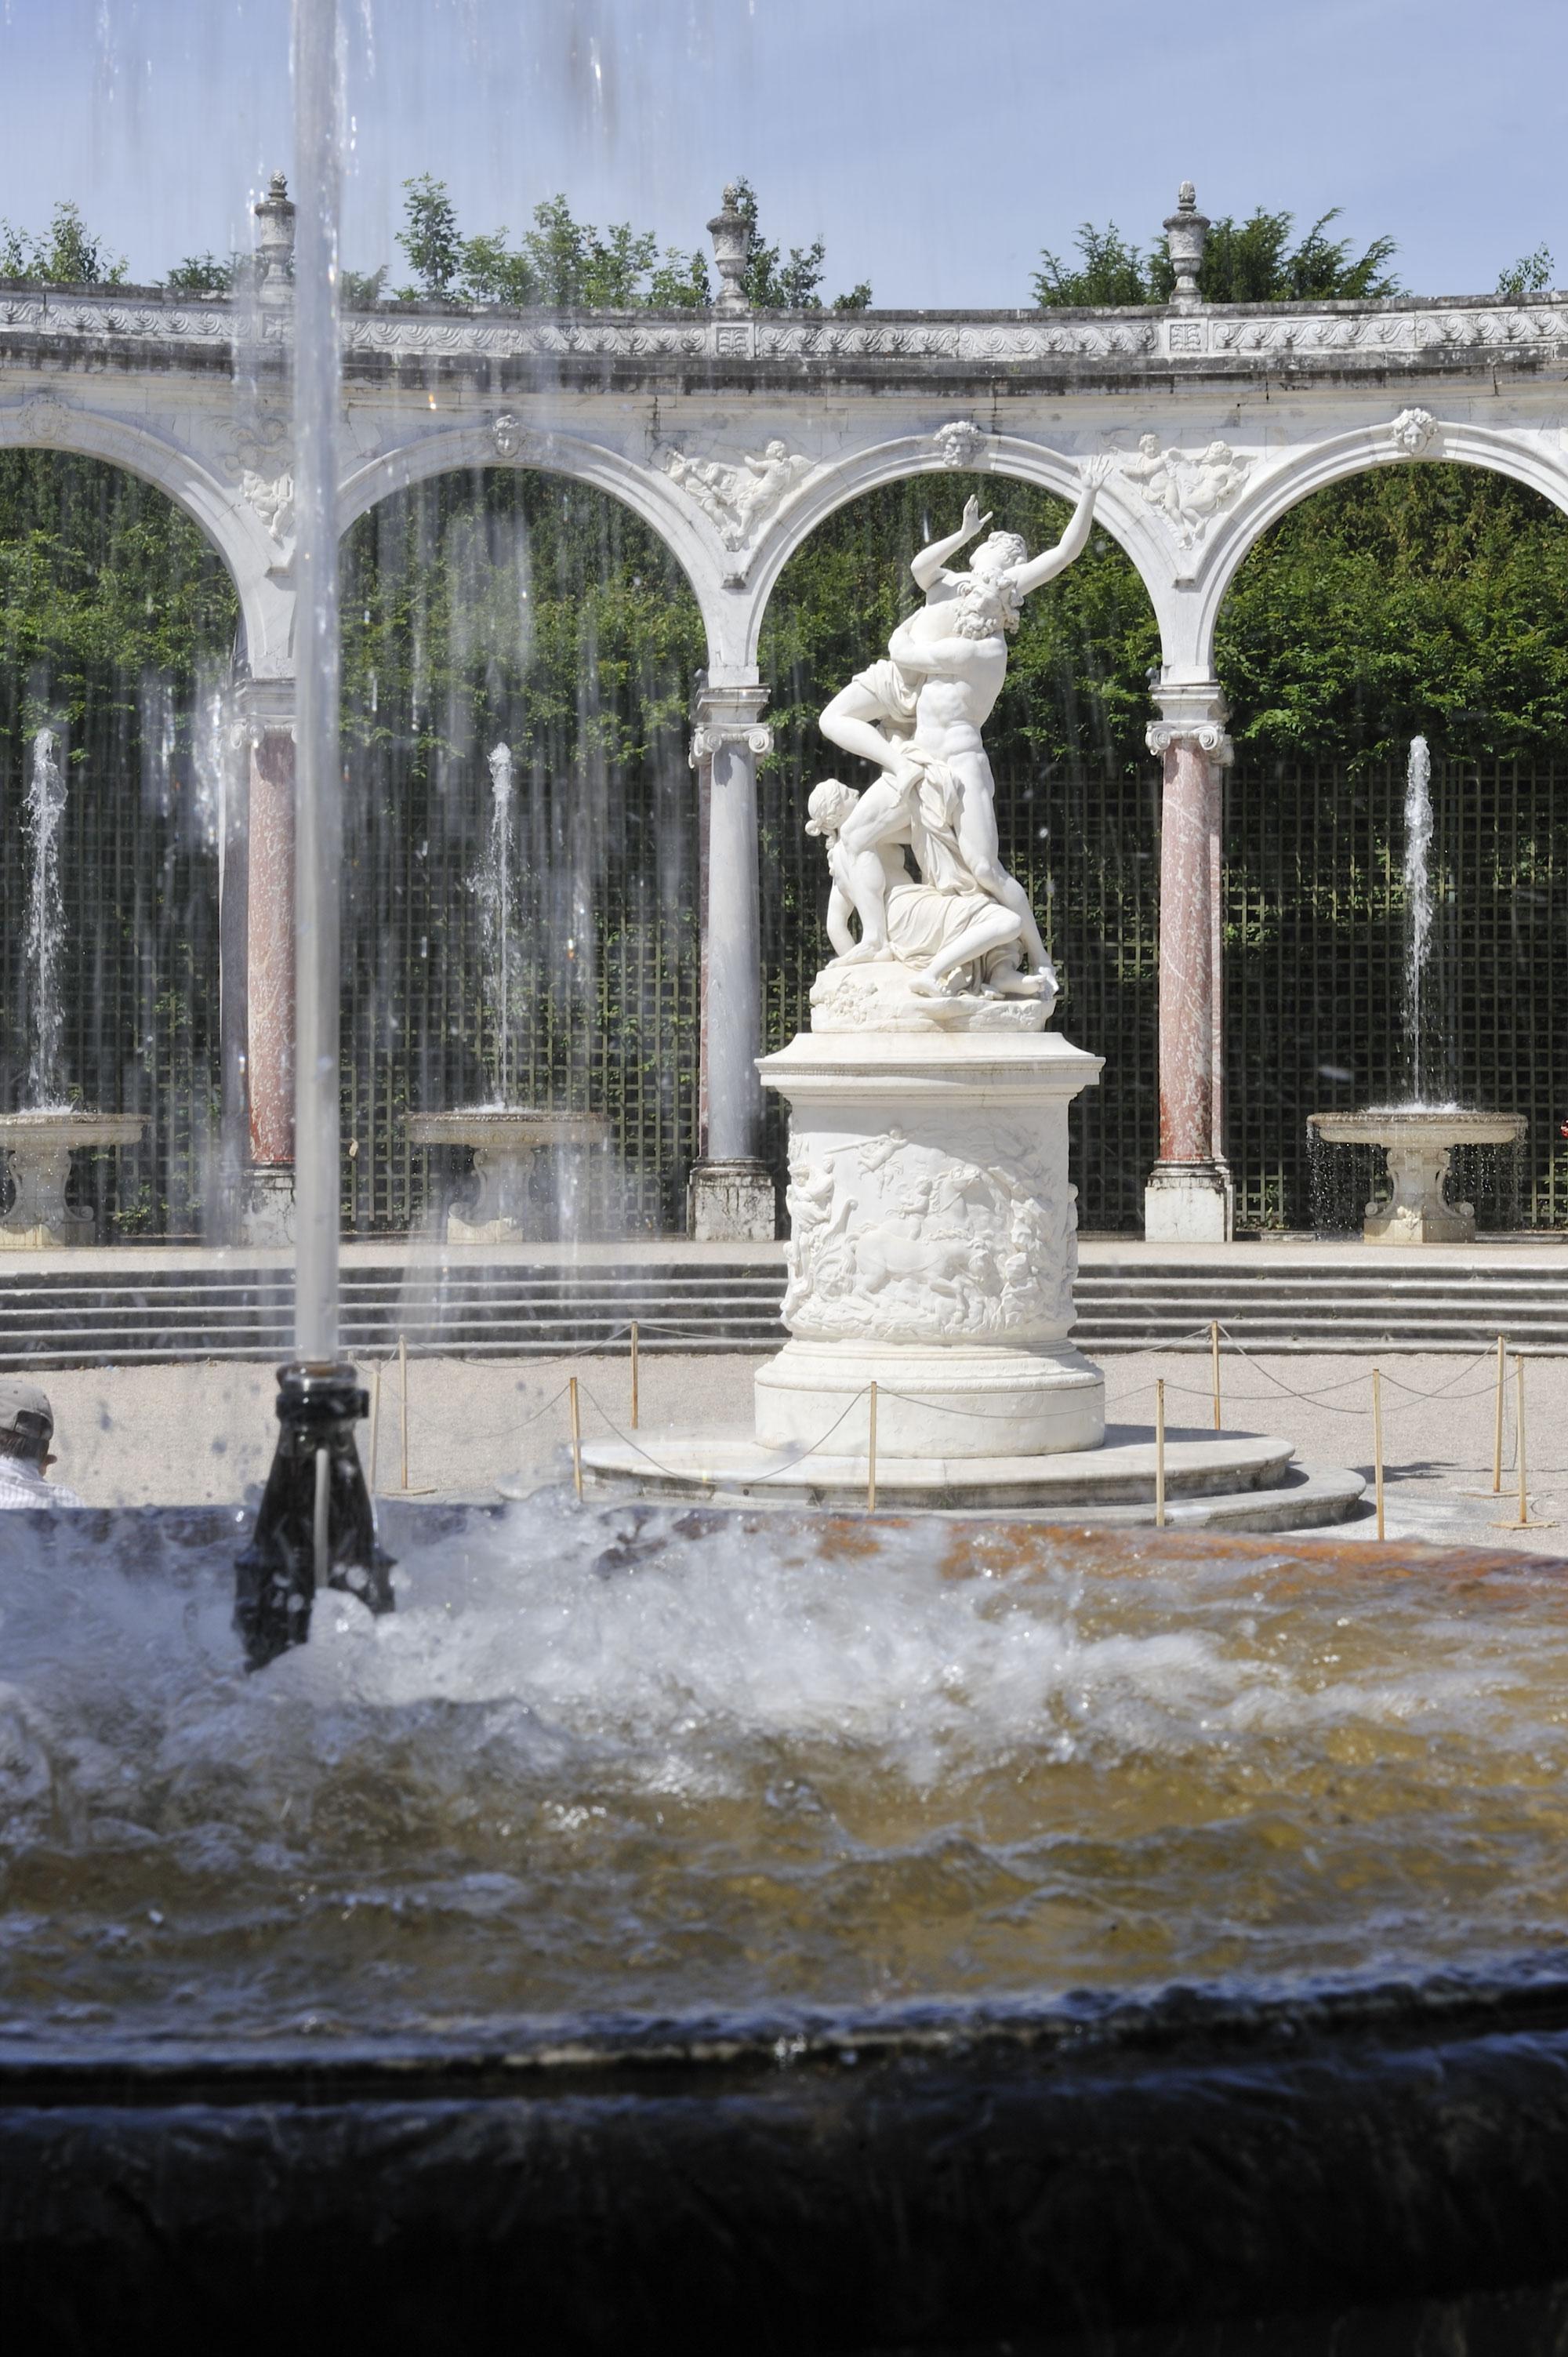 Chateau et jardins de versailles page 14 for Jardin versailles